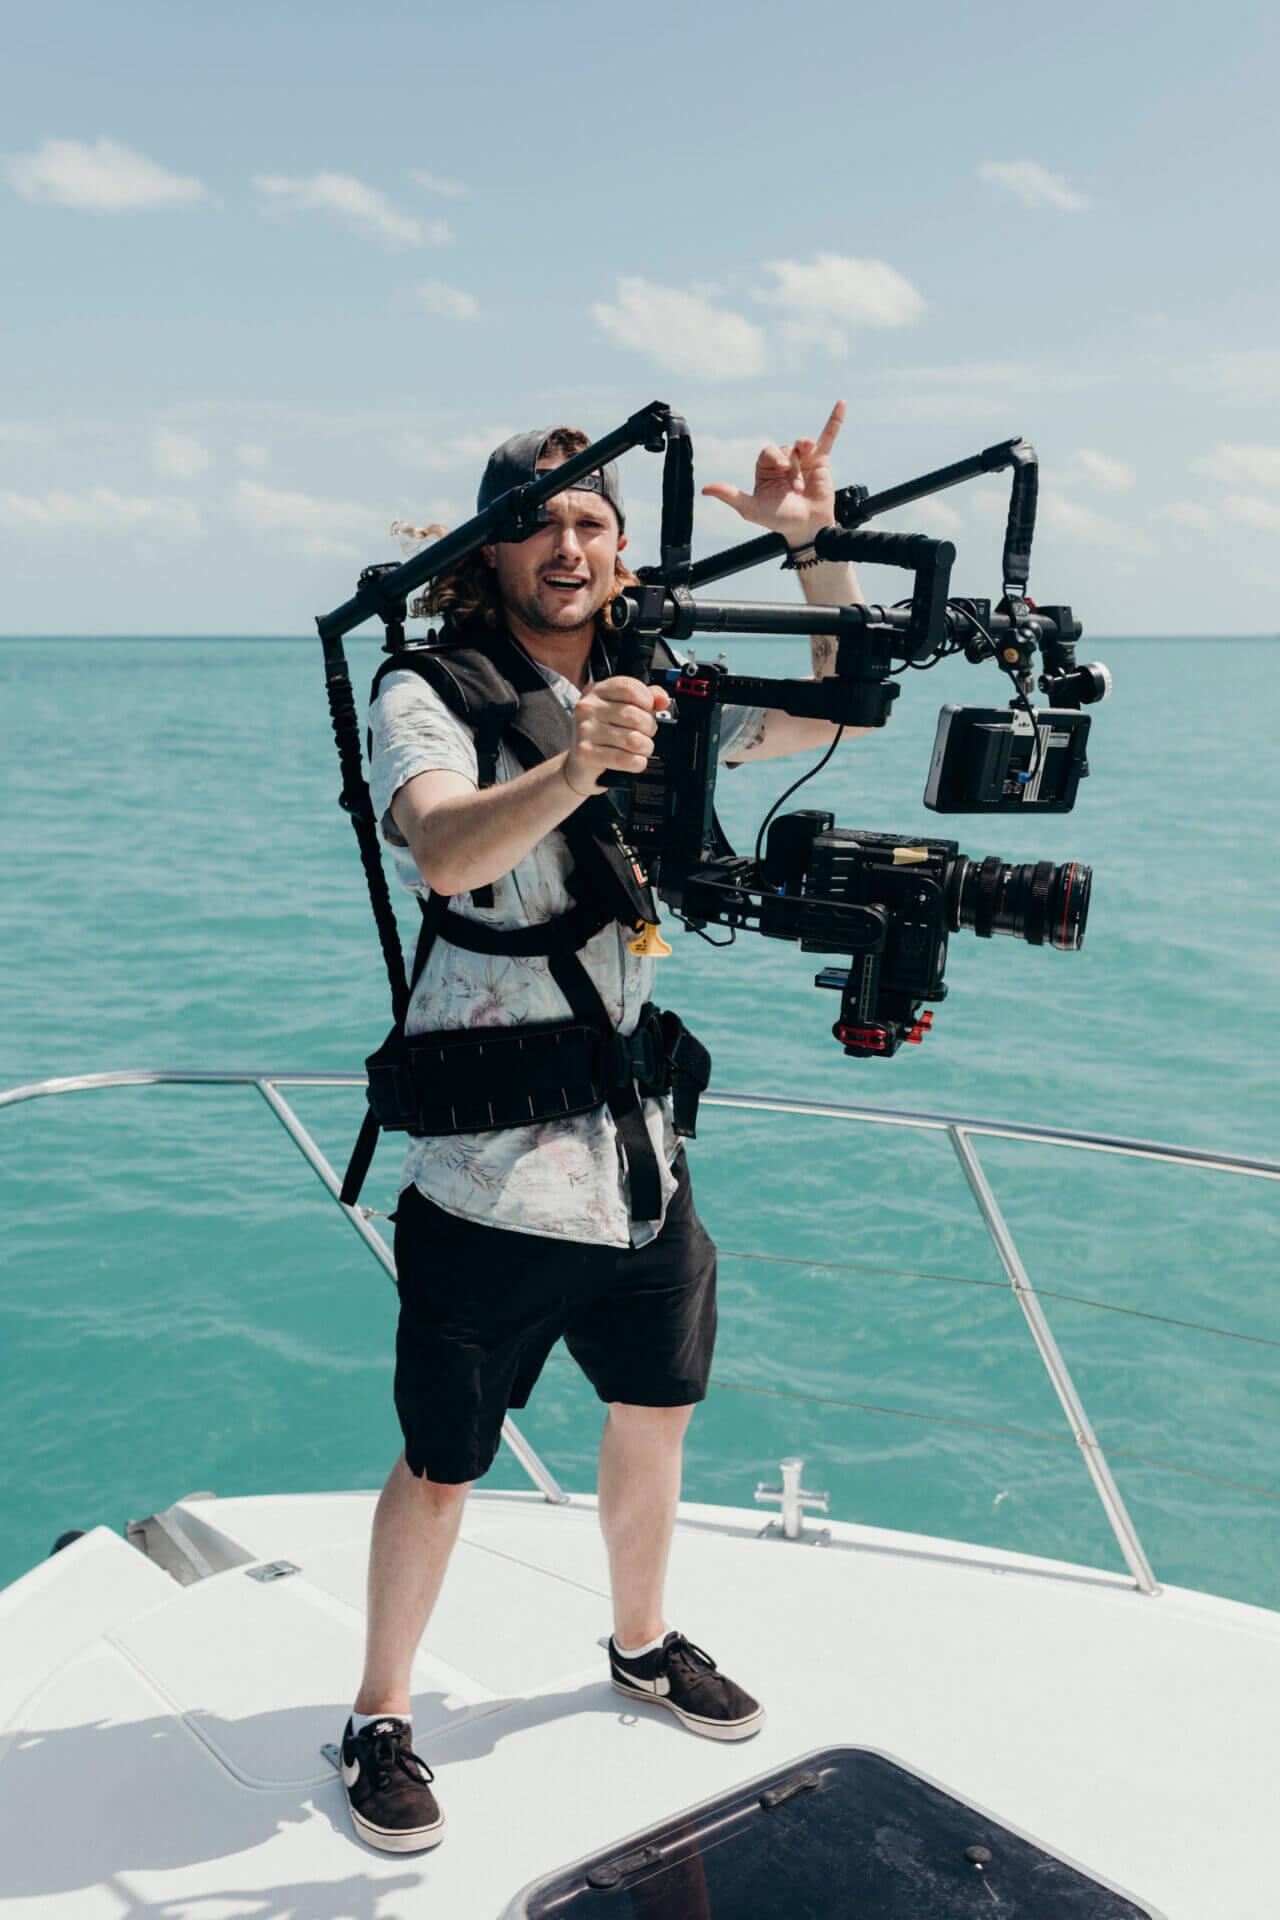 Drone filmmaker